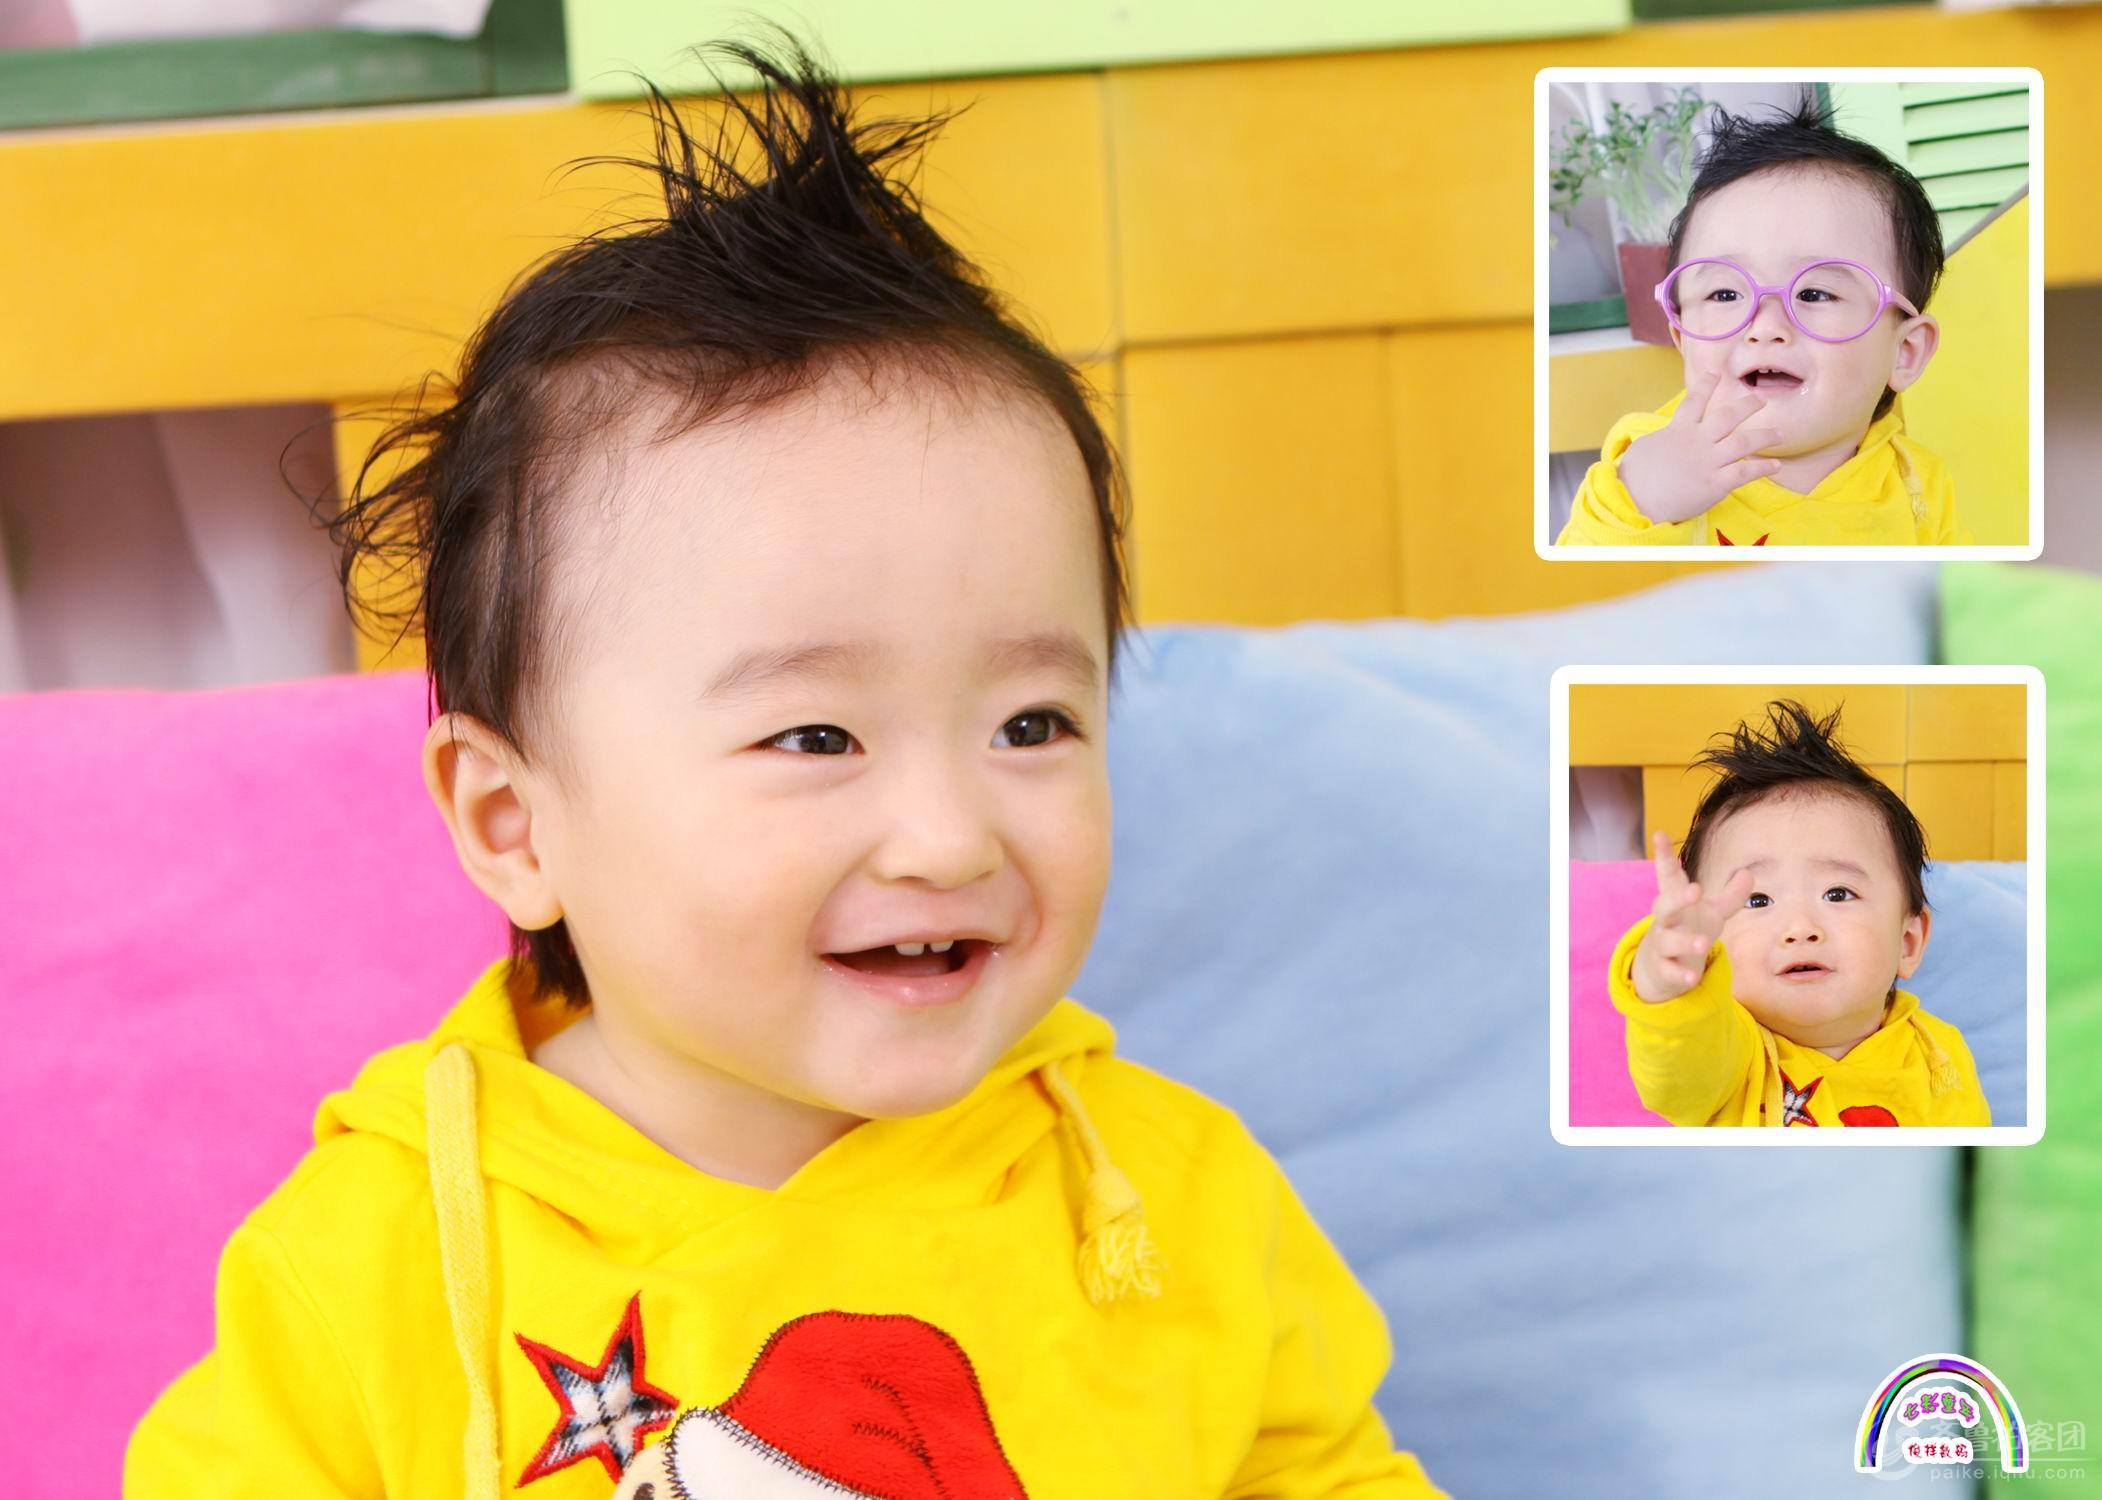 中国可爱婴儿萌照